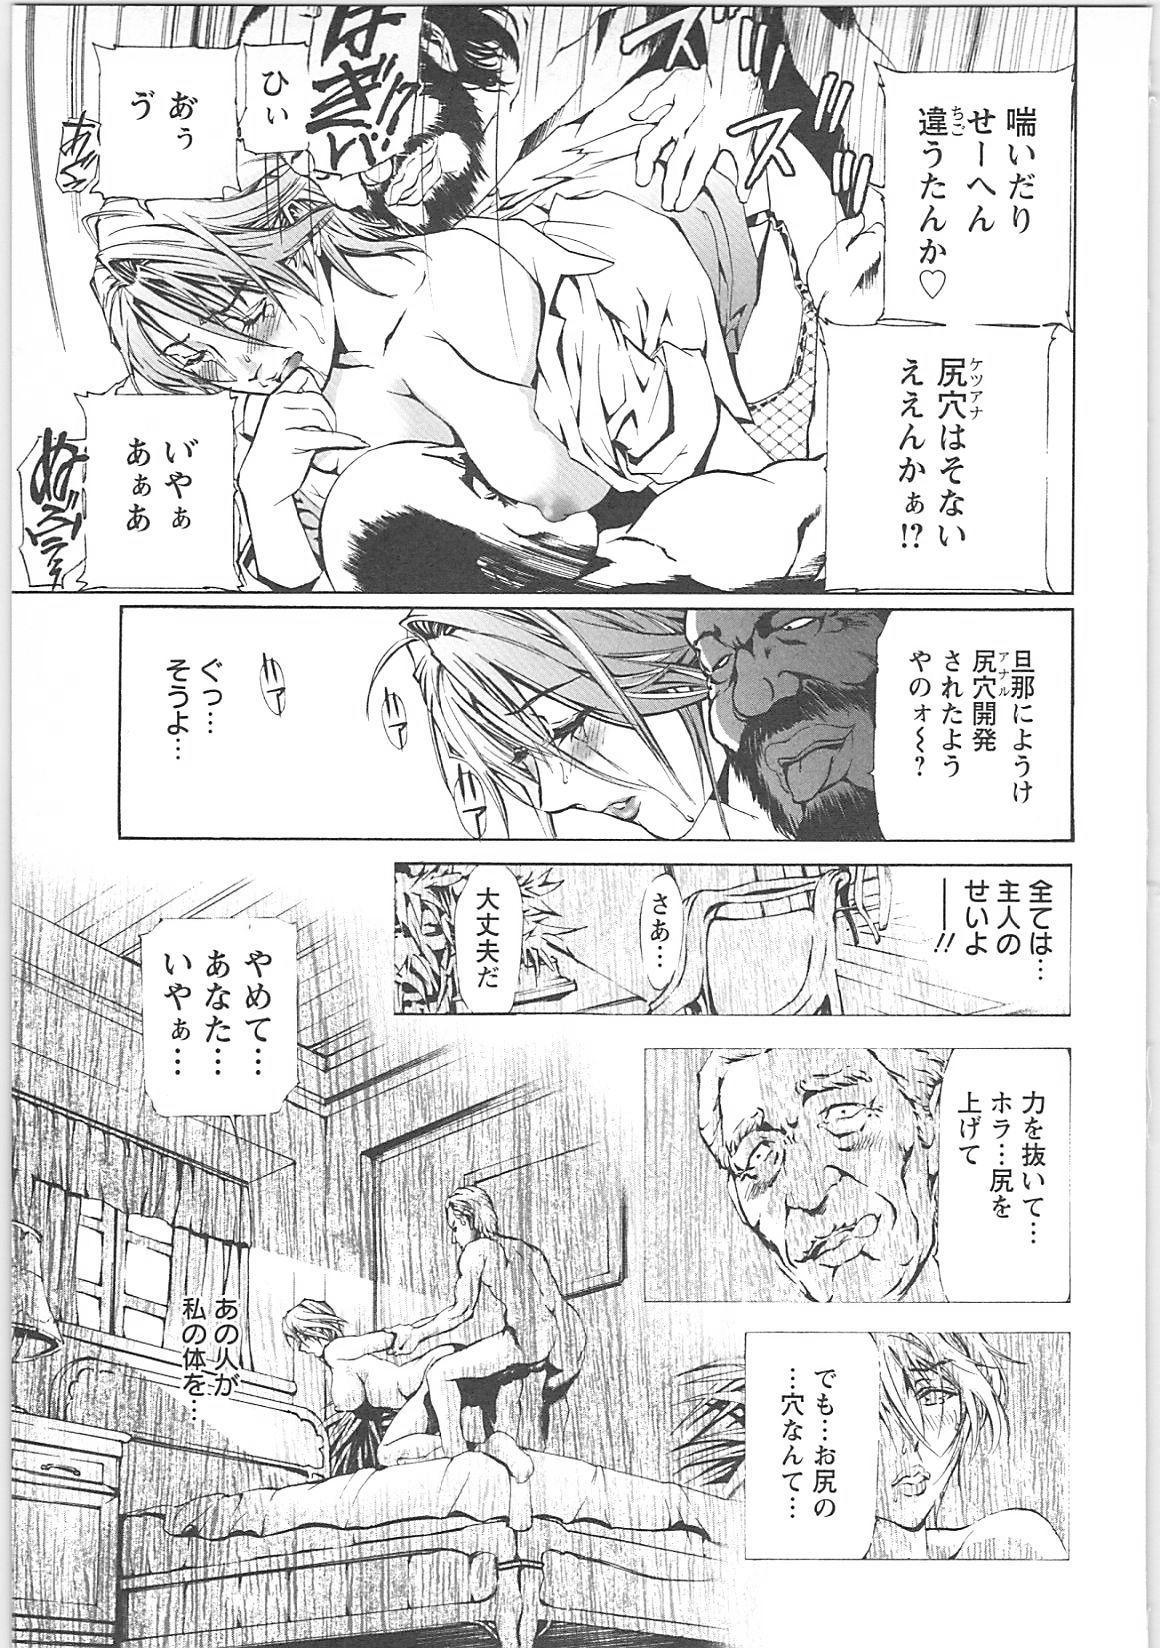 dorei choukyoushi 38